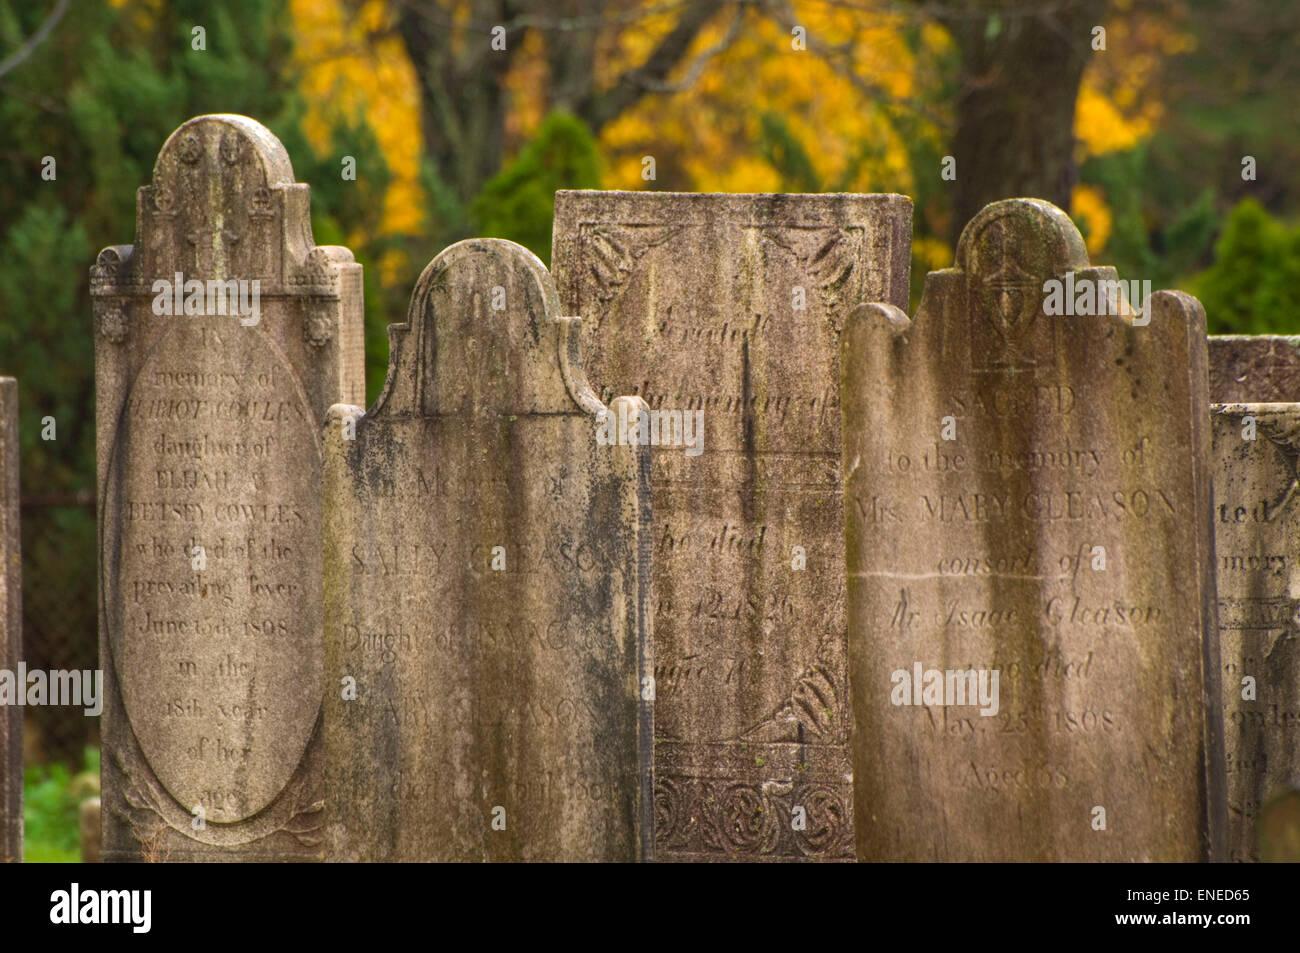 Farmington Connecticut Stock Photos & Farmington Connecticut Stock ...